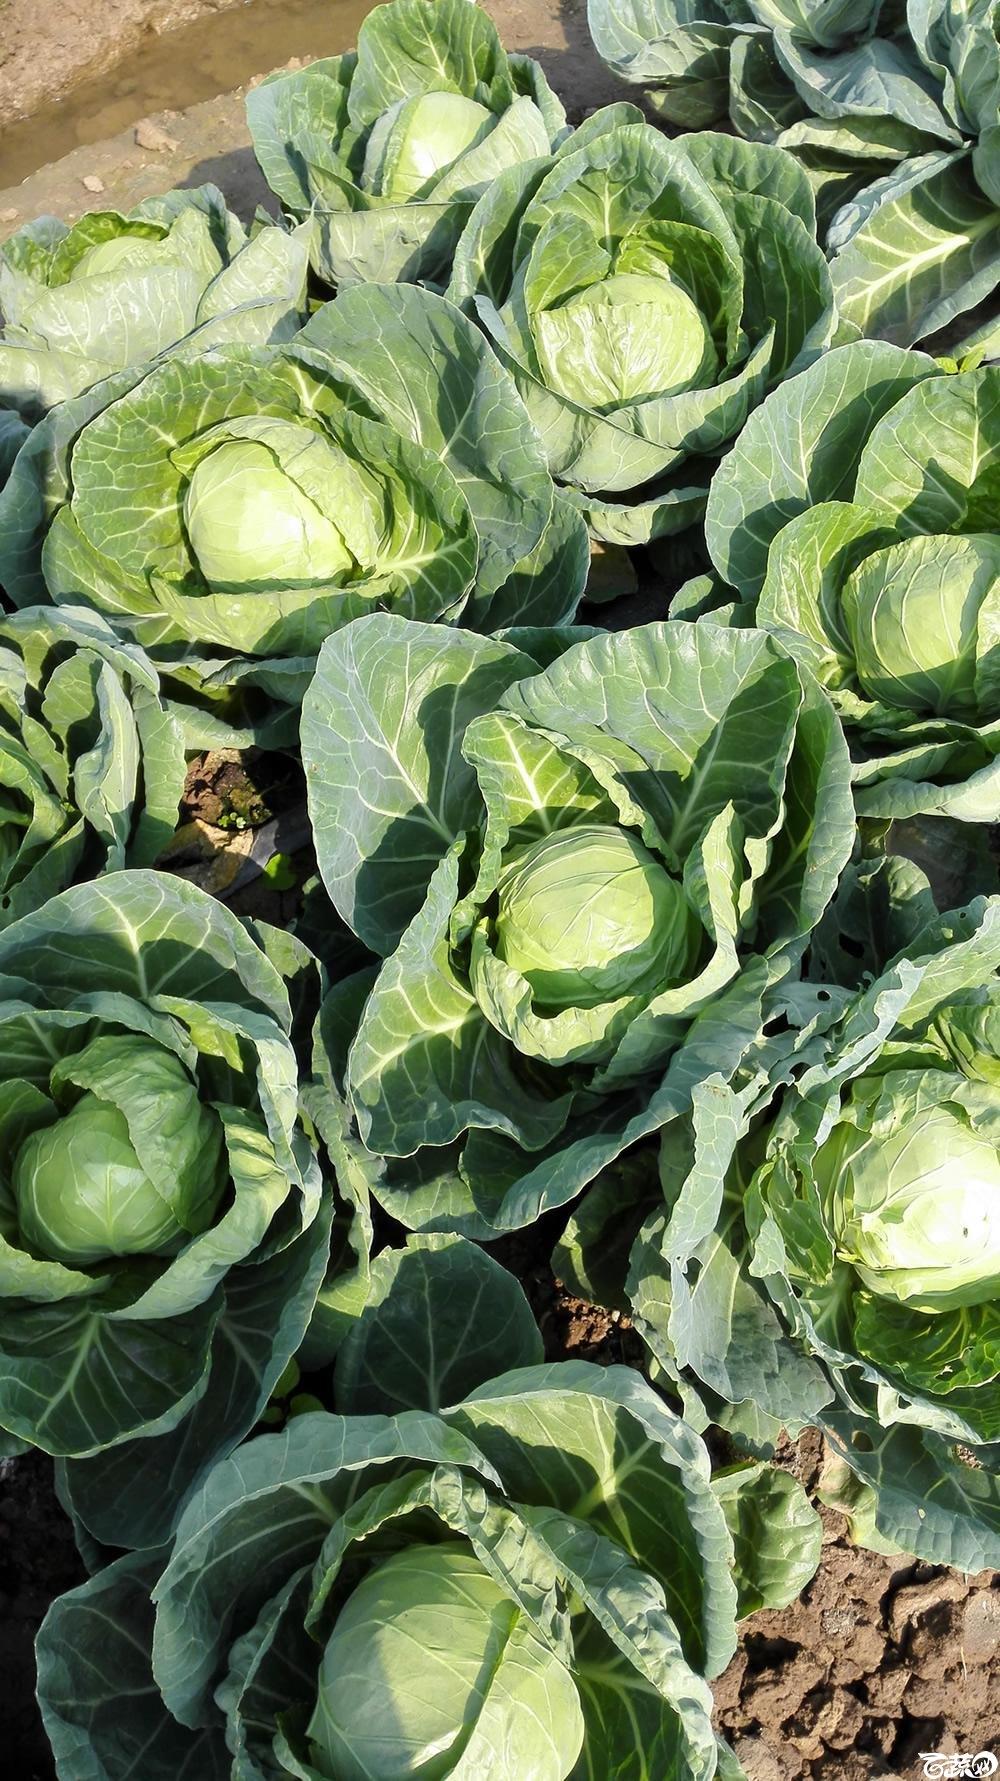 2014年12月10号广州市农科院南沙秋季蔬菜新品种展示会 甘蓝_147.jpg